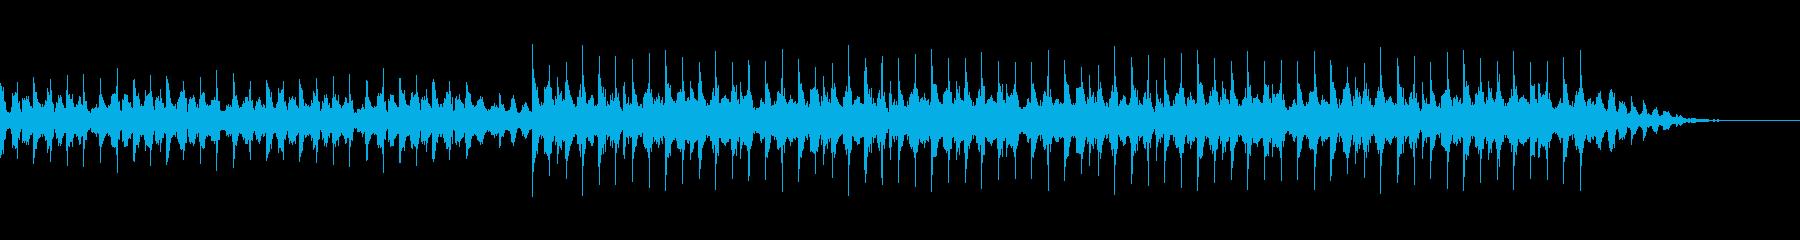 コーポレートテクスチャ―3の再生済みの波形